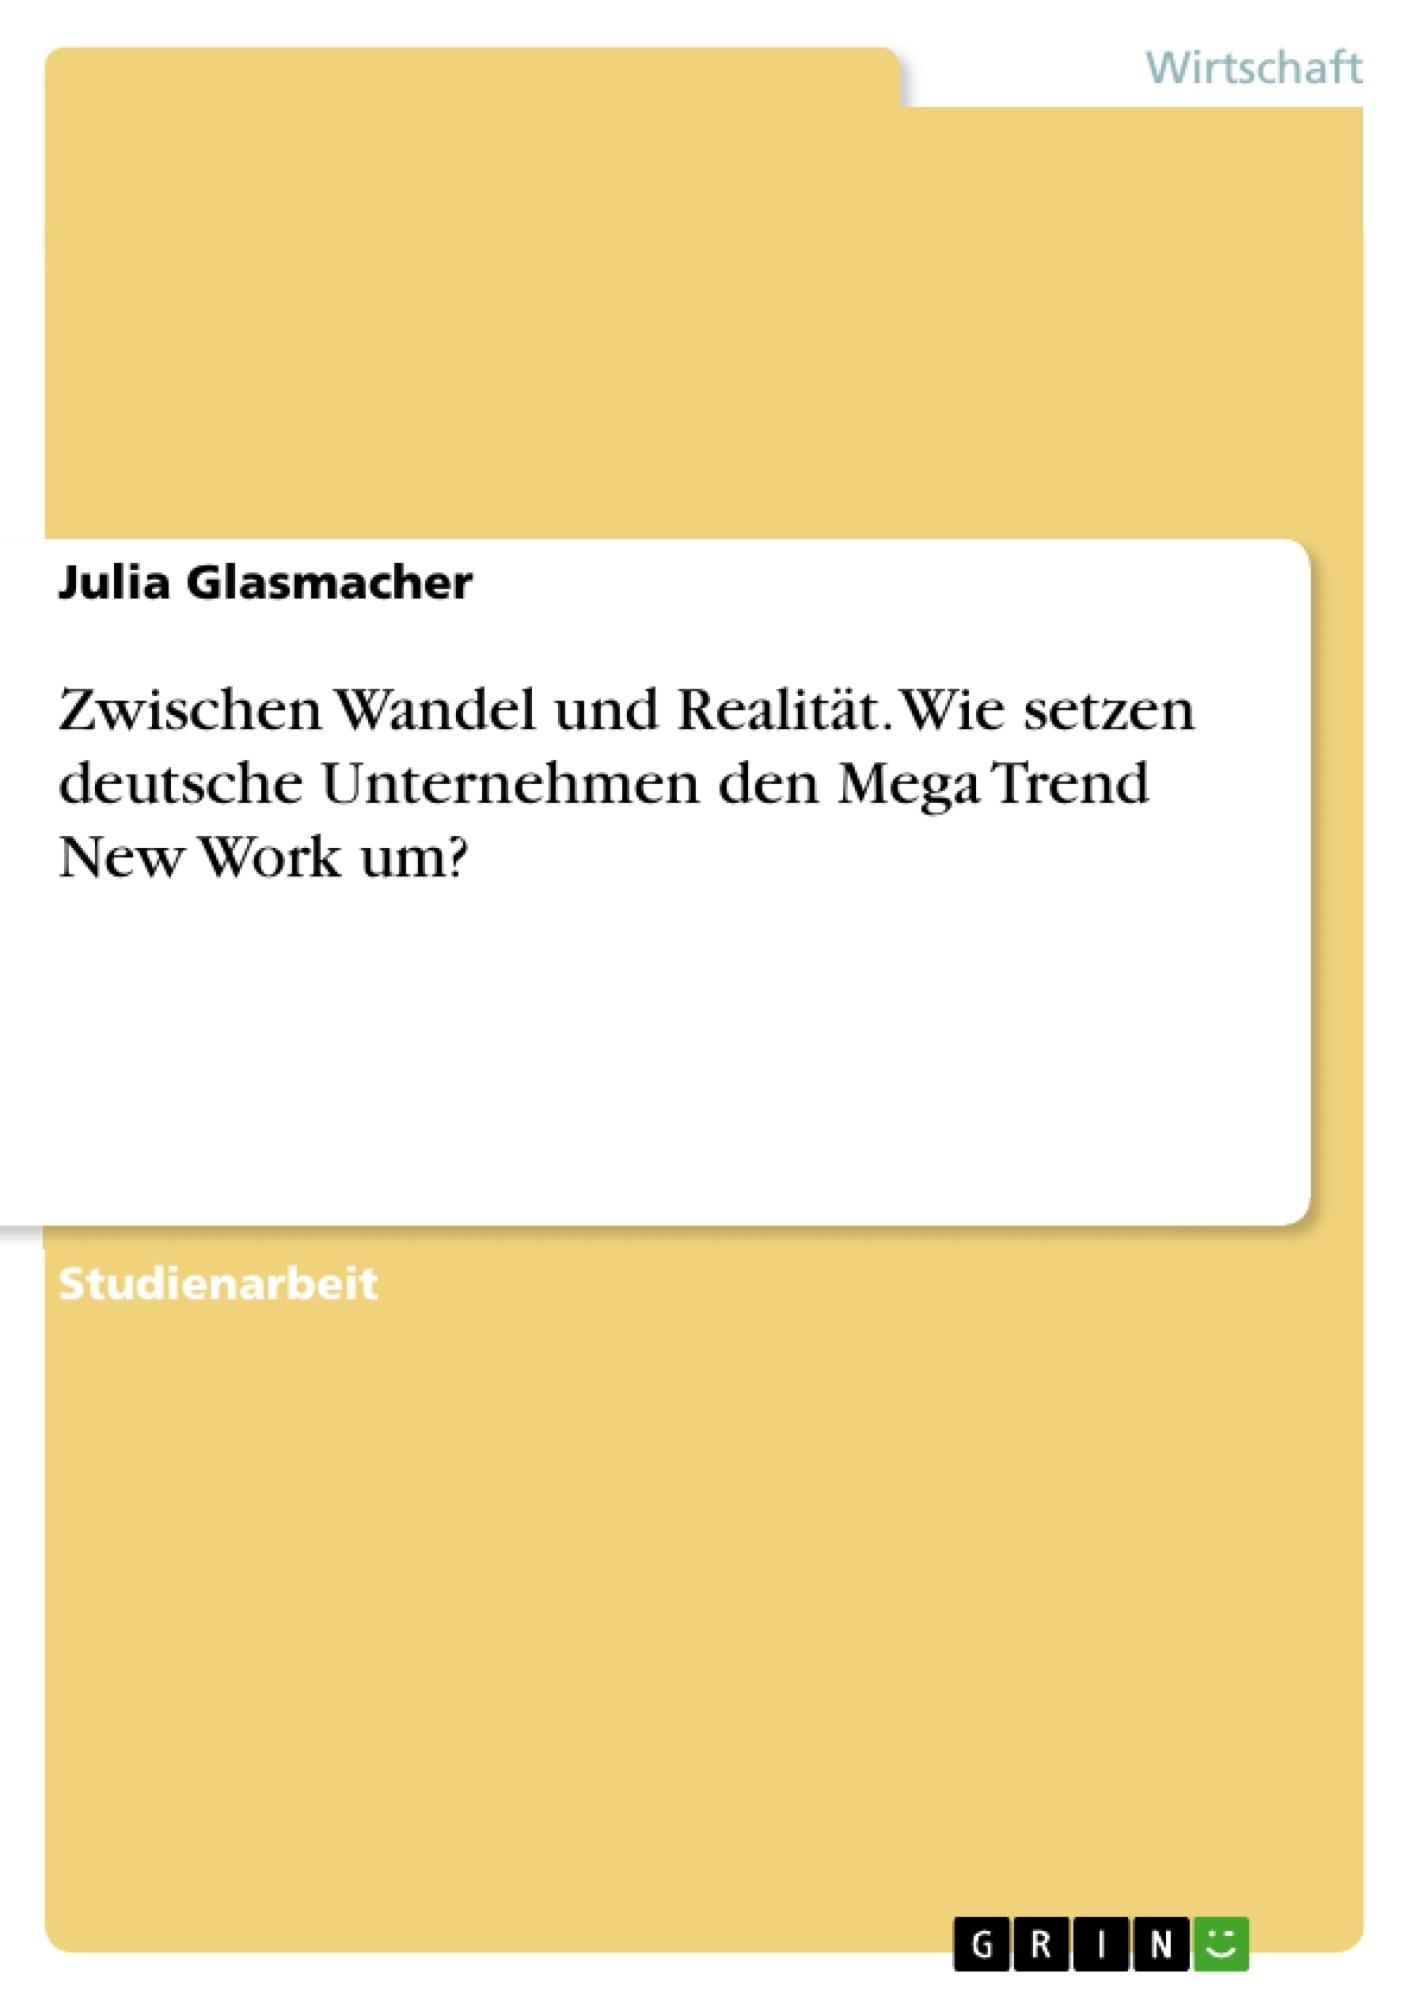 Titel: Zwischen Wandel und Realität. Wie setzen deutsche Unternehmen den Mega Trend New Work um?